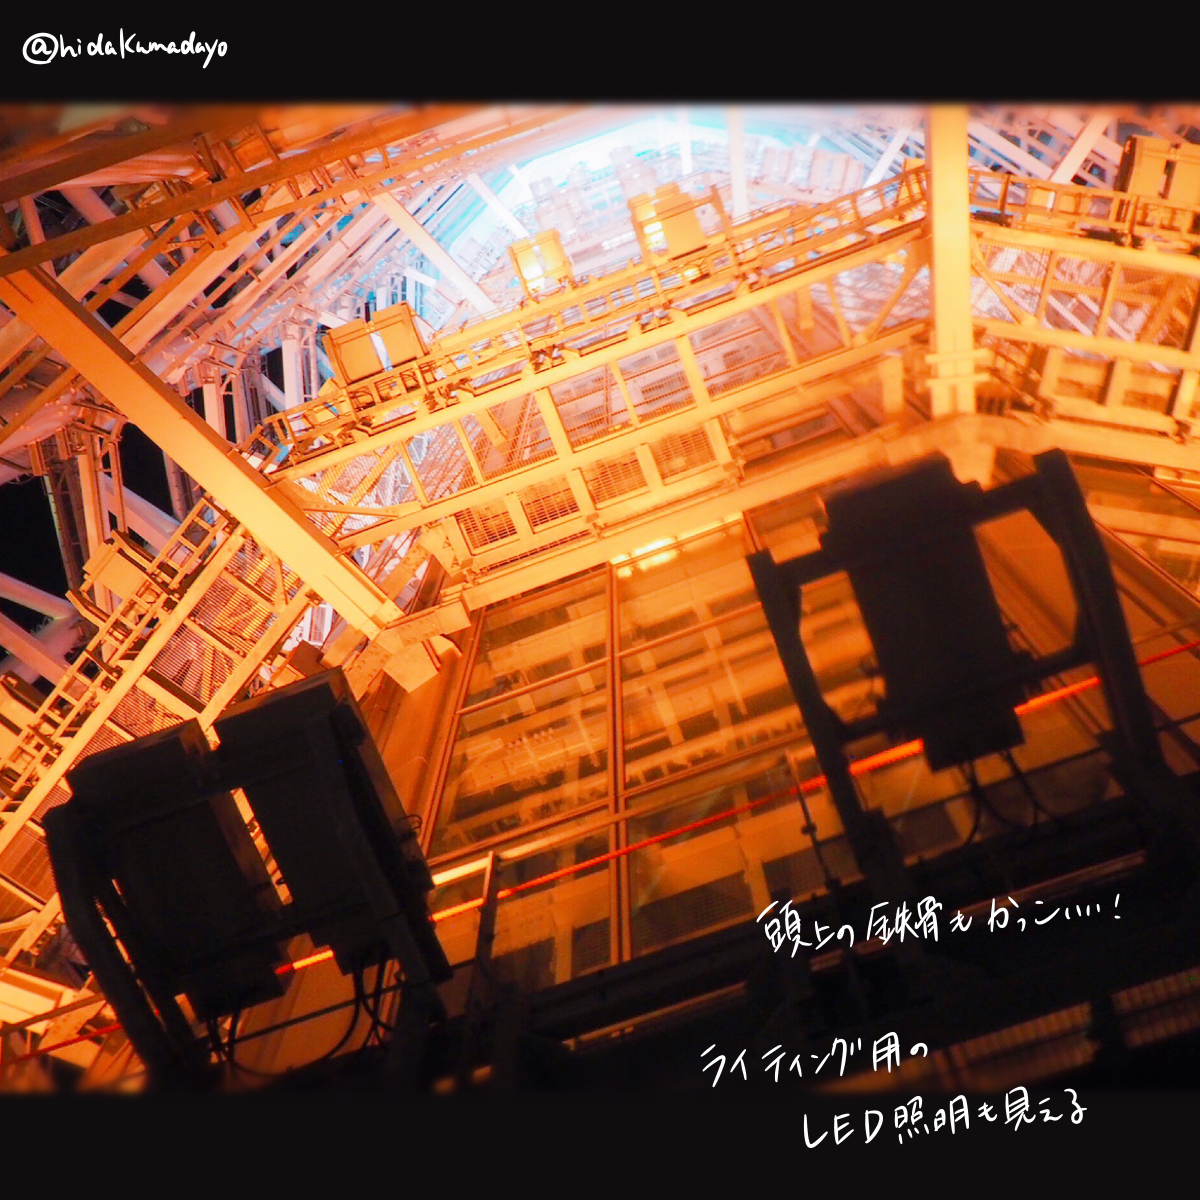 f:id:hidakumadayo:20190412203741p:plain